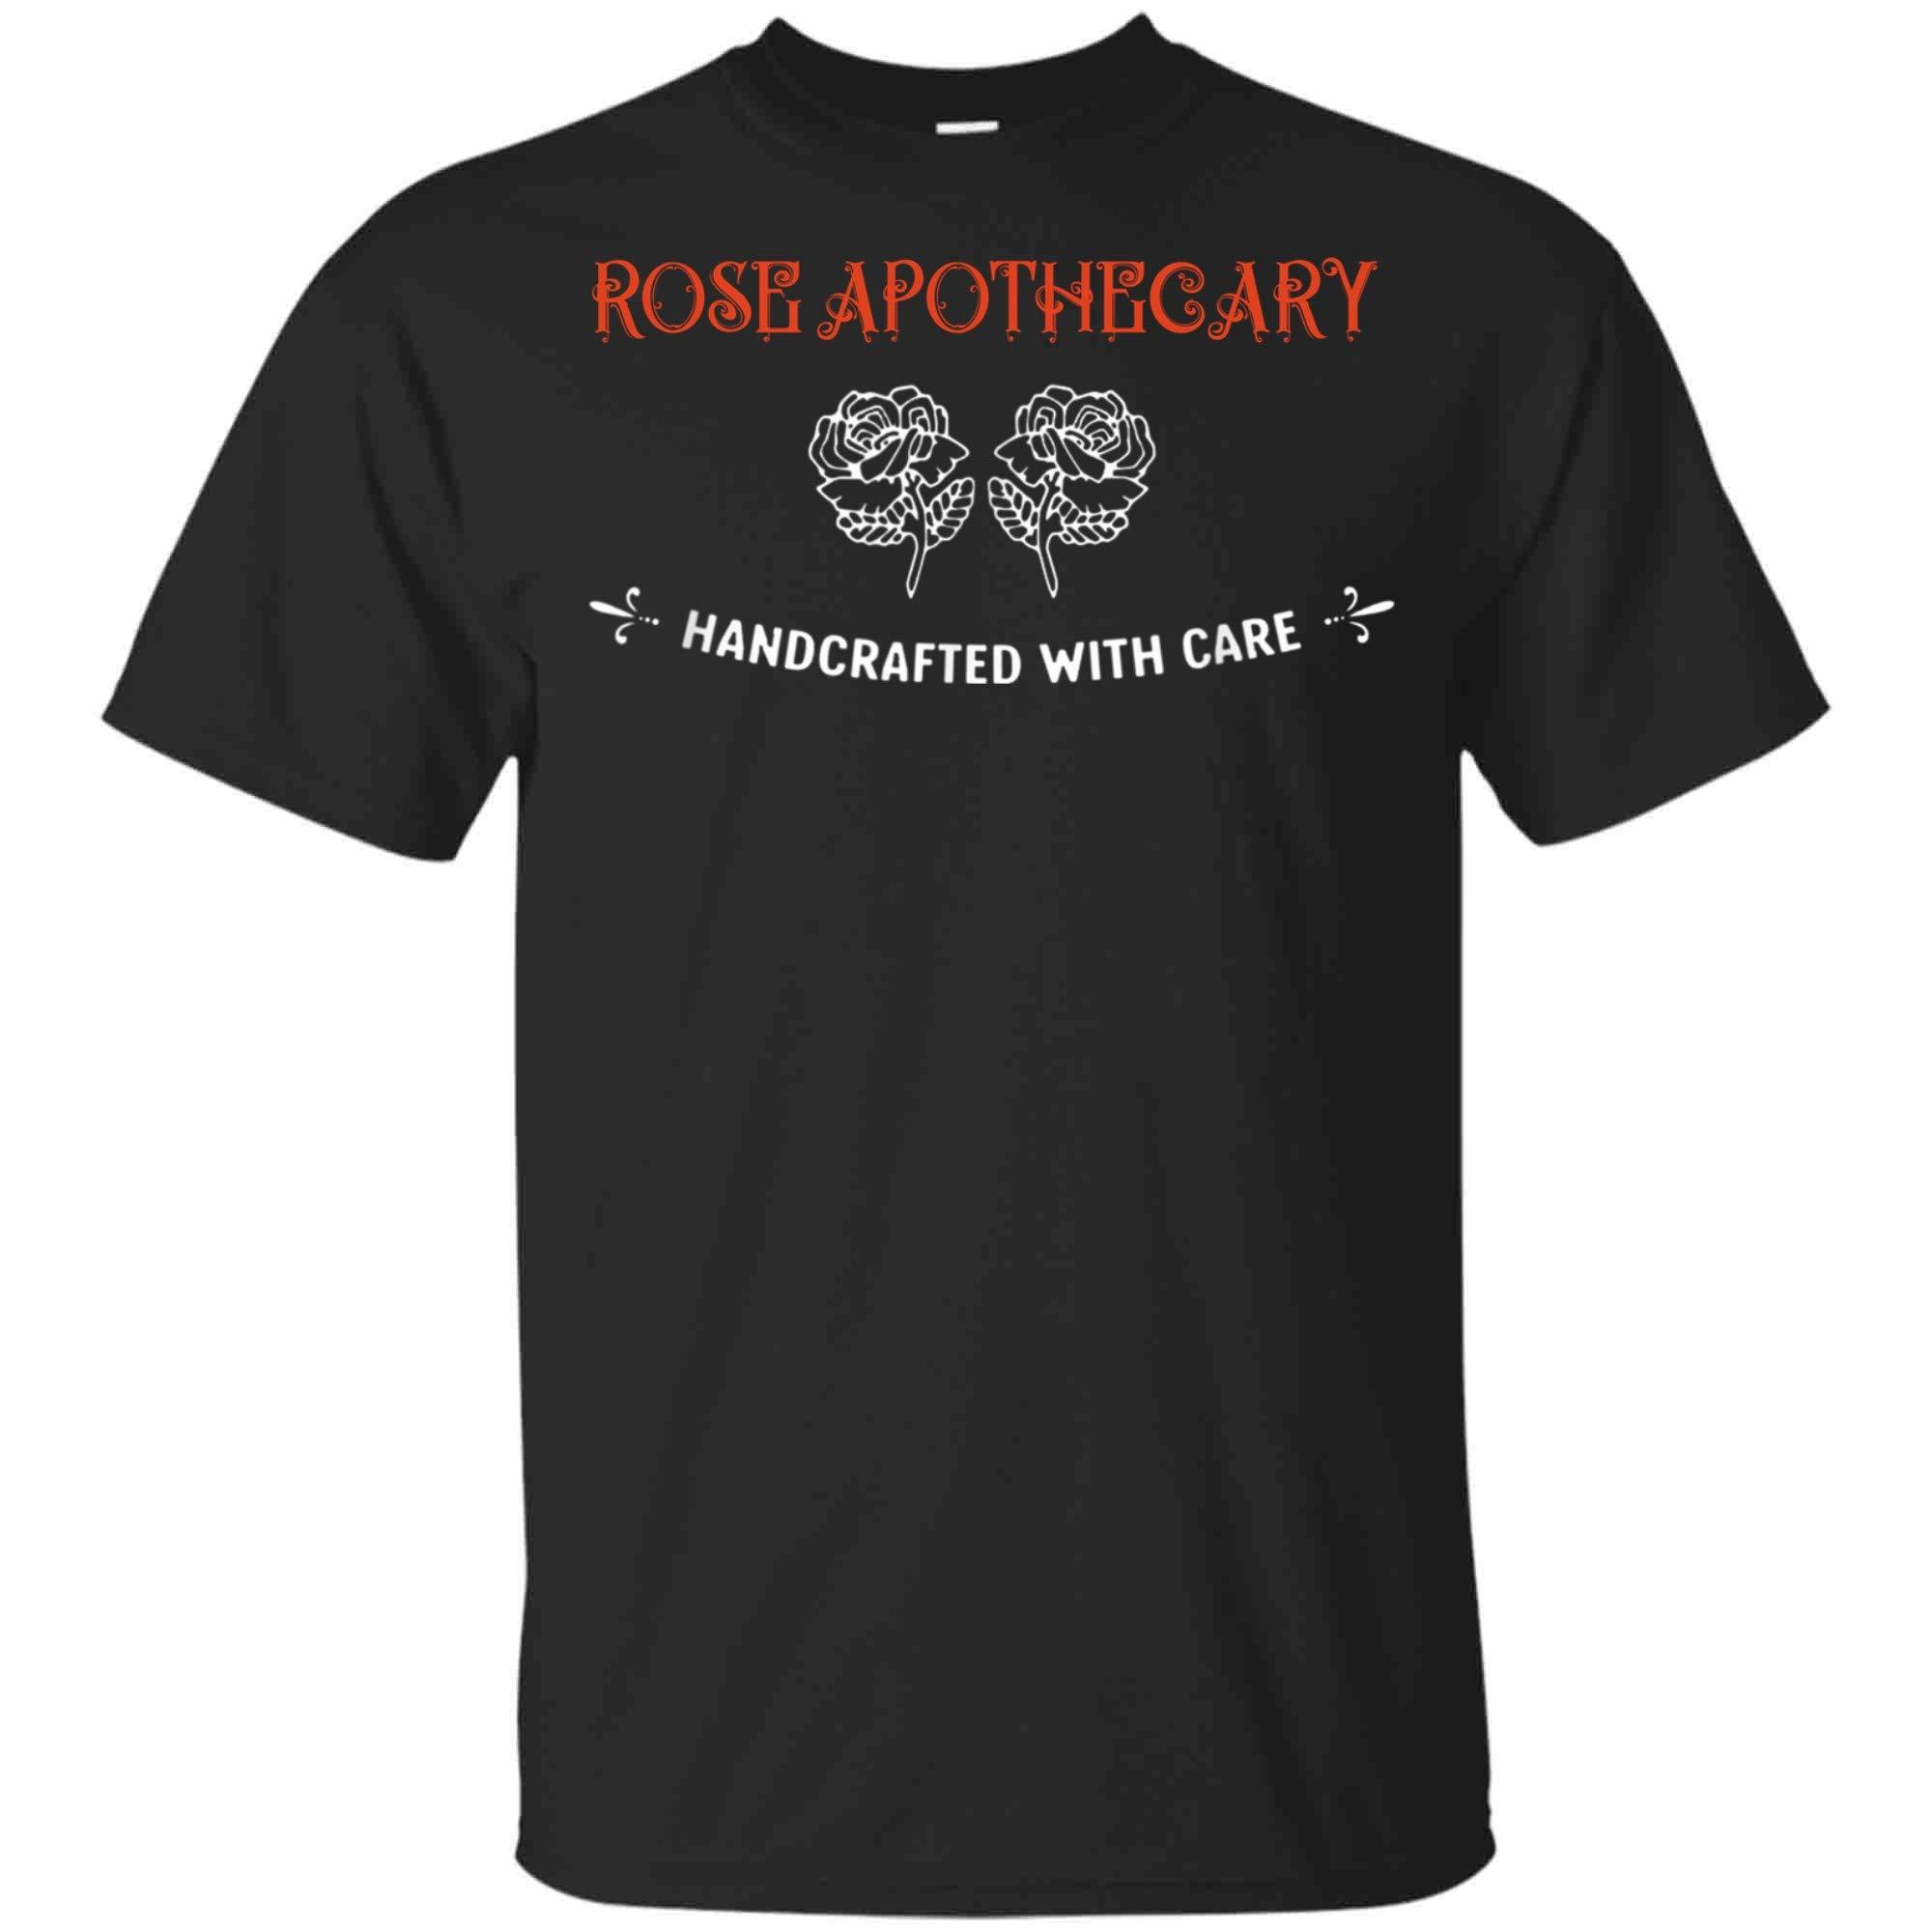 Boxbox Roseapothecarytshirtstshirt Unisex Tshirtblack